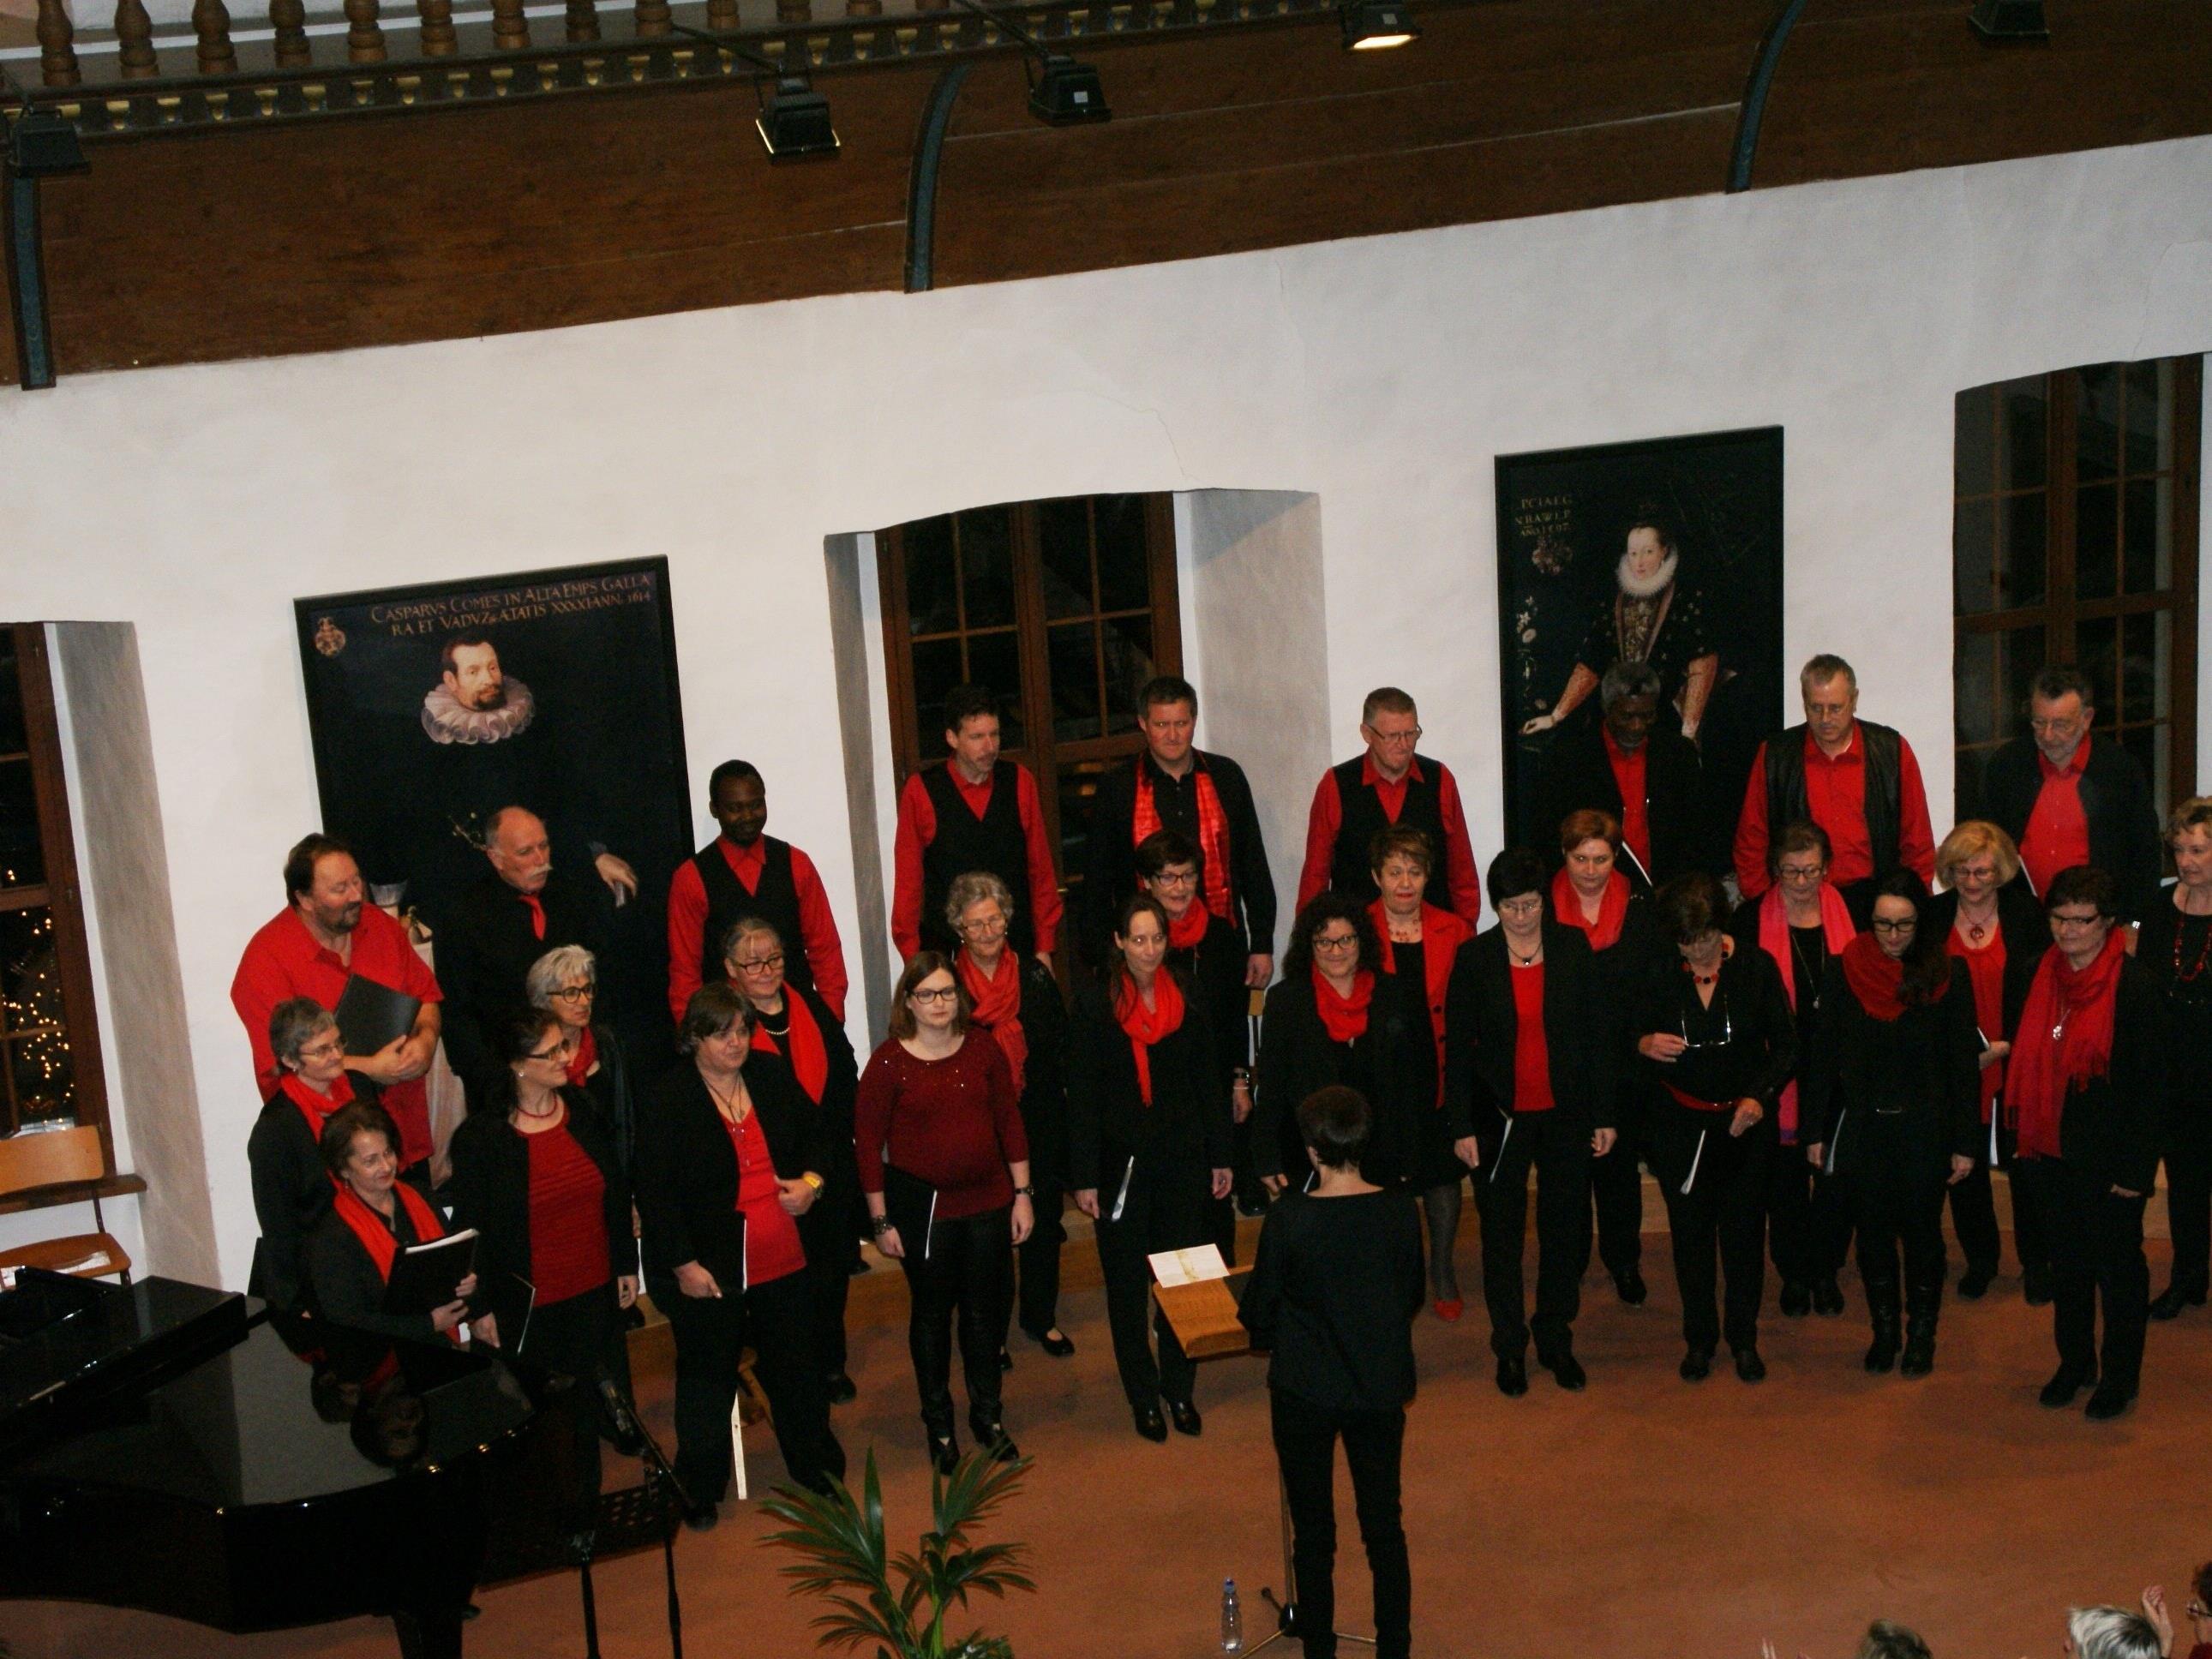 Die Nibelungenhort-Sänger entführten ihre Gäste zu einer musikalische Weihnachtsreise!